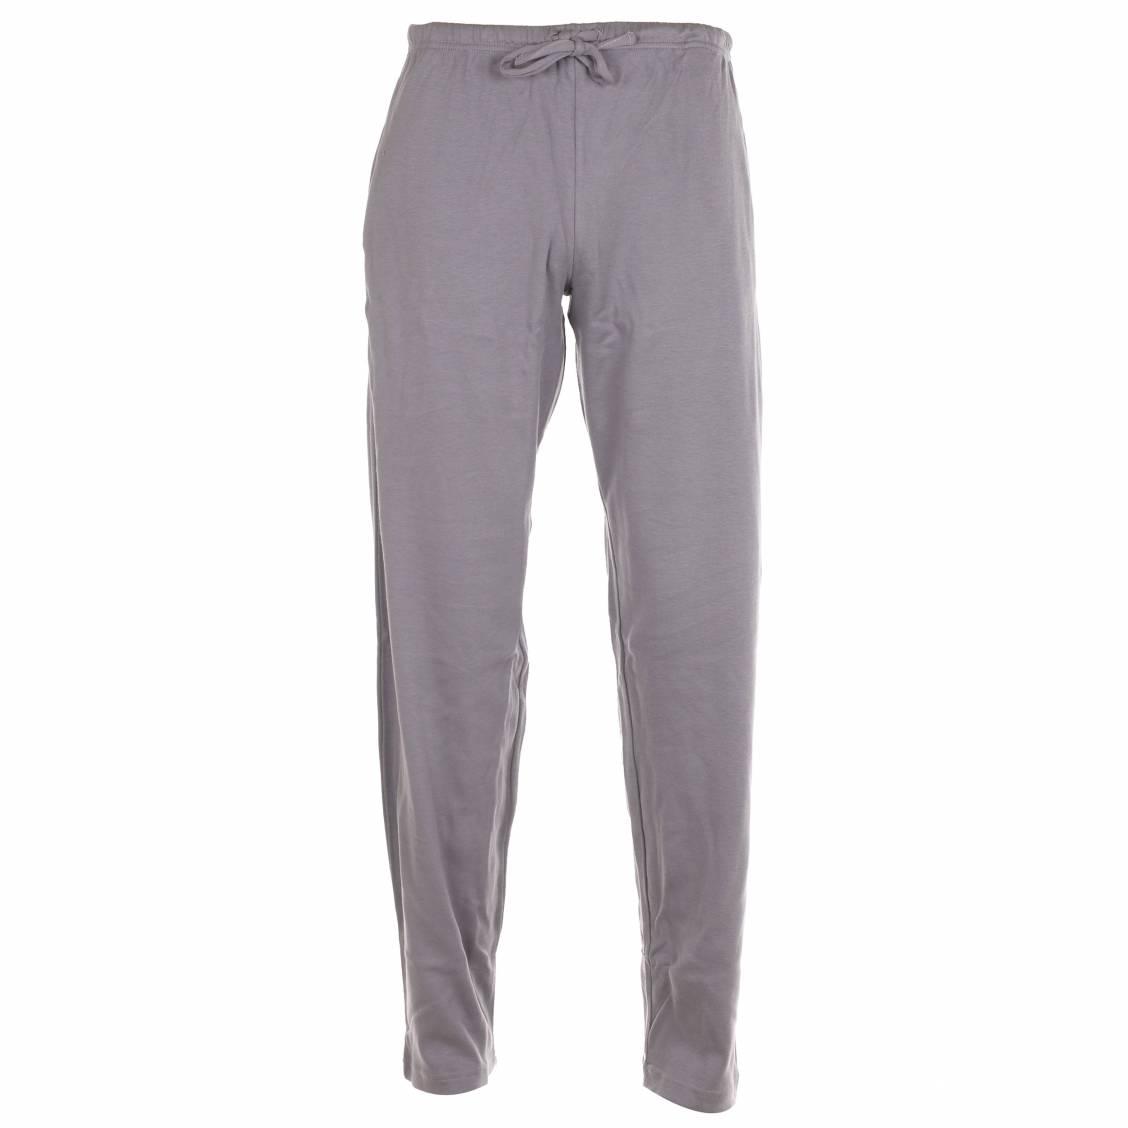 Pantalon d interieur en coton eminence gris for Pantalon interieur homme